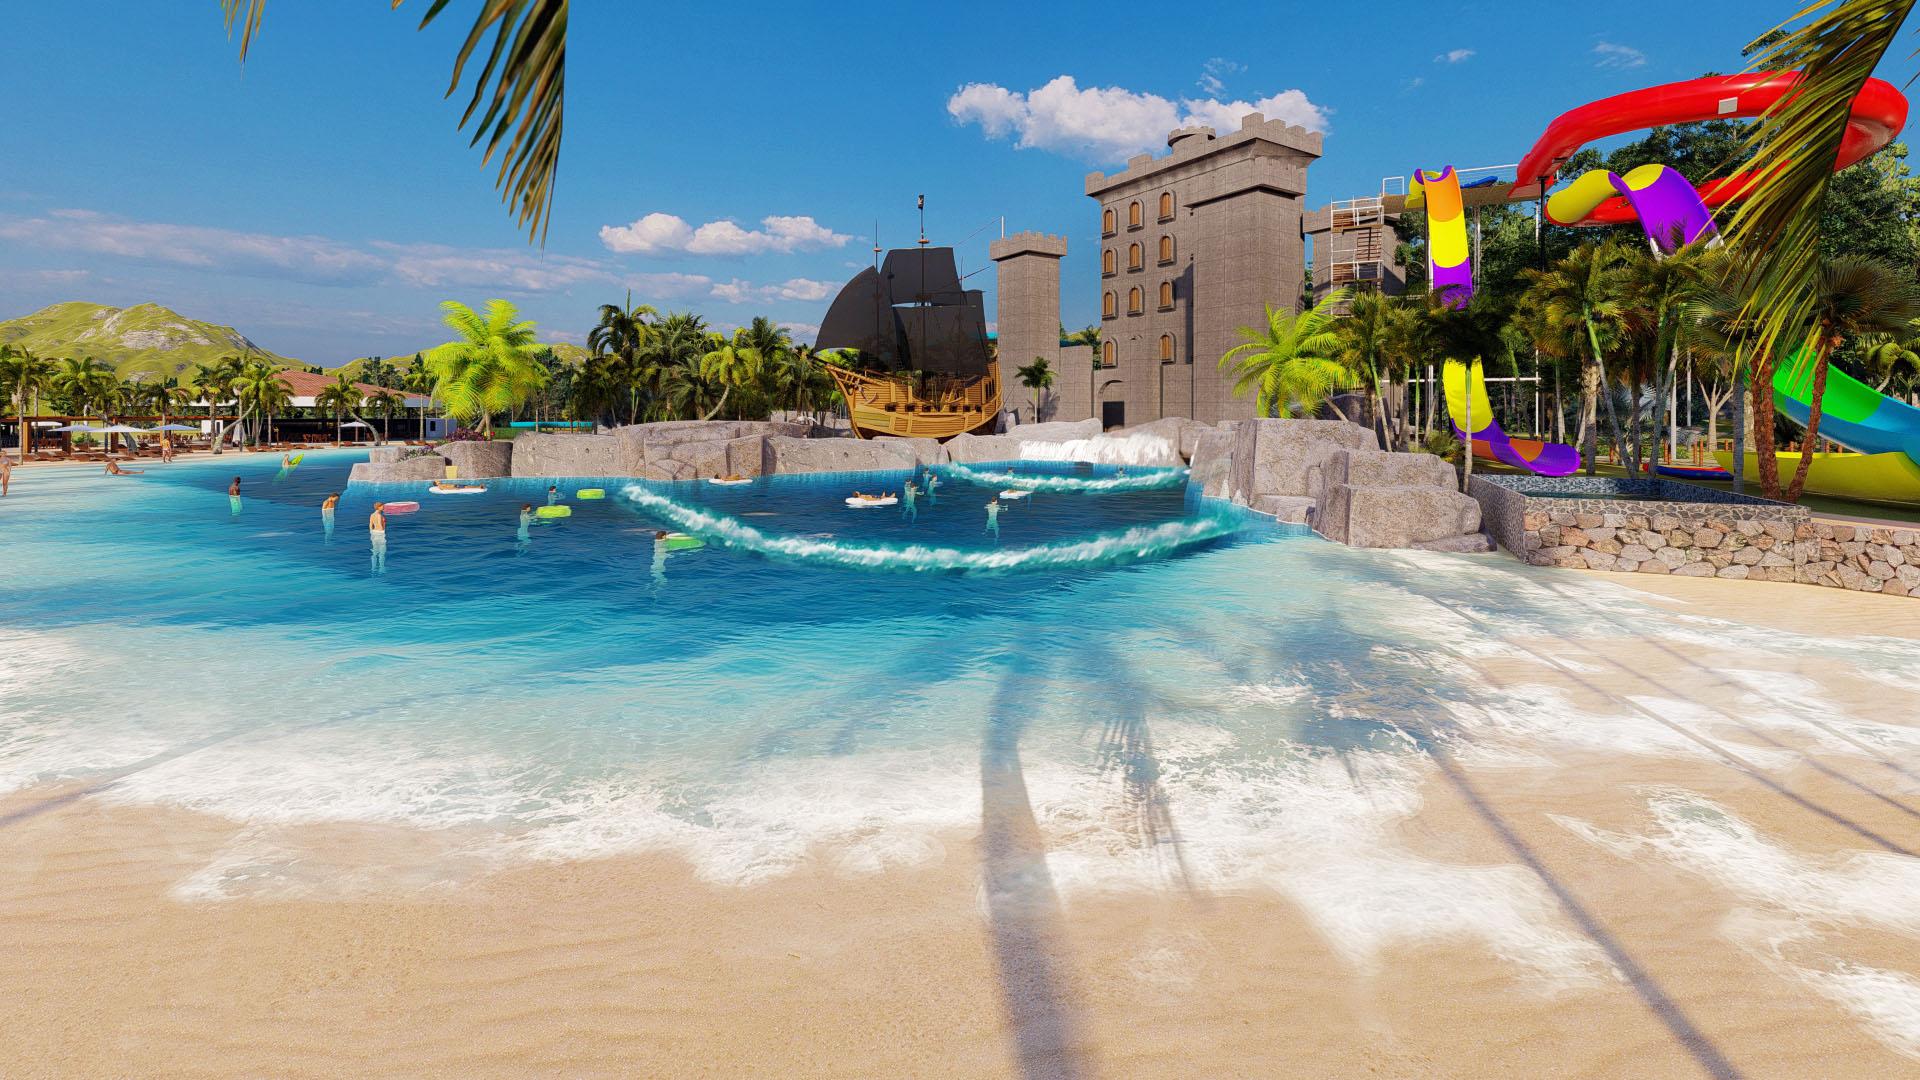 Aquabeat, novo parque aquático de MG, investe em preservação ambiental